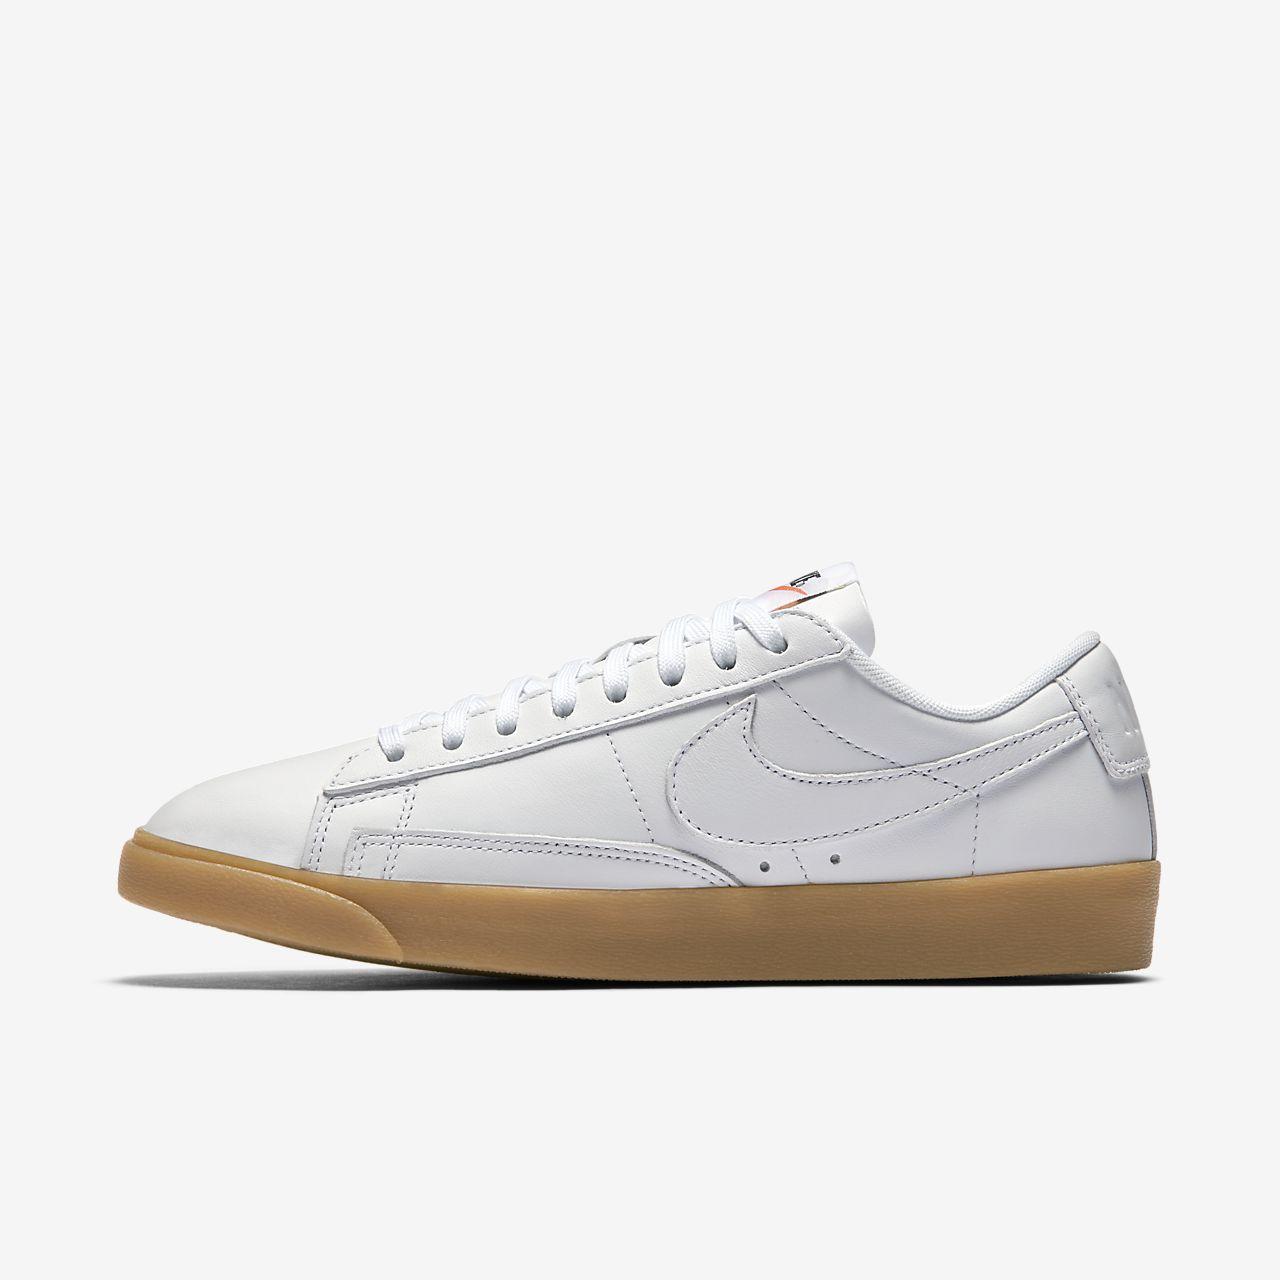 best sneakers 98c56 a74eb ... best price nike blazer bordeaux basse 6c62f 575f0